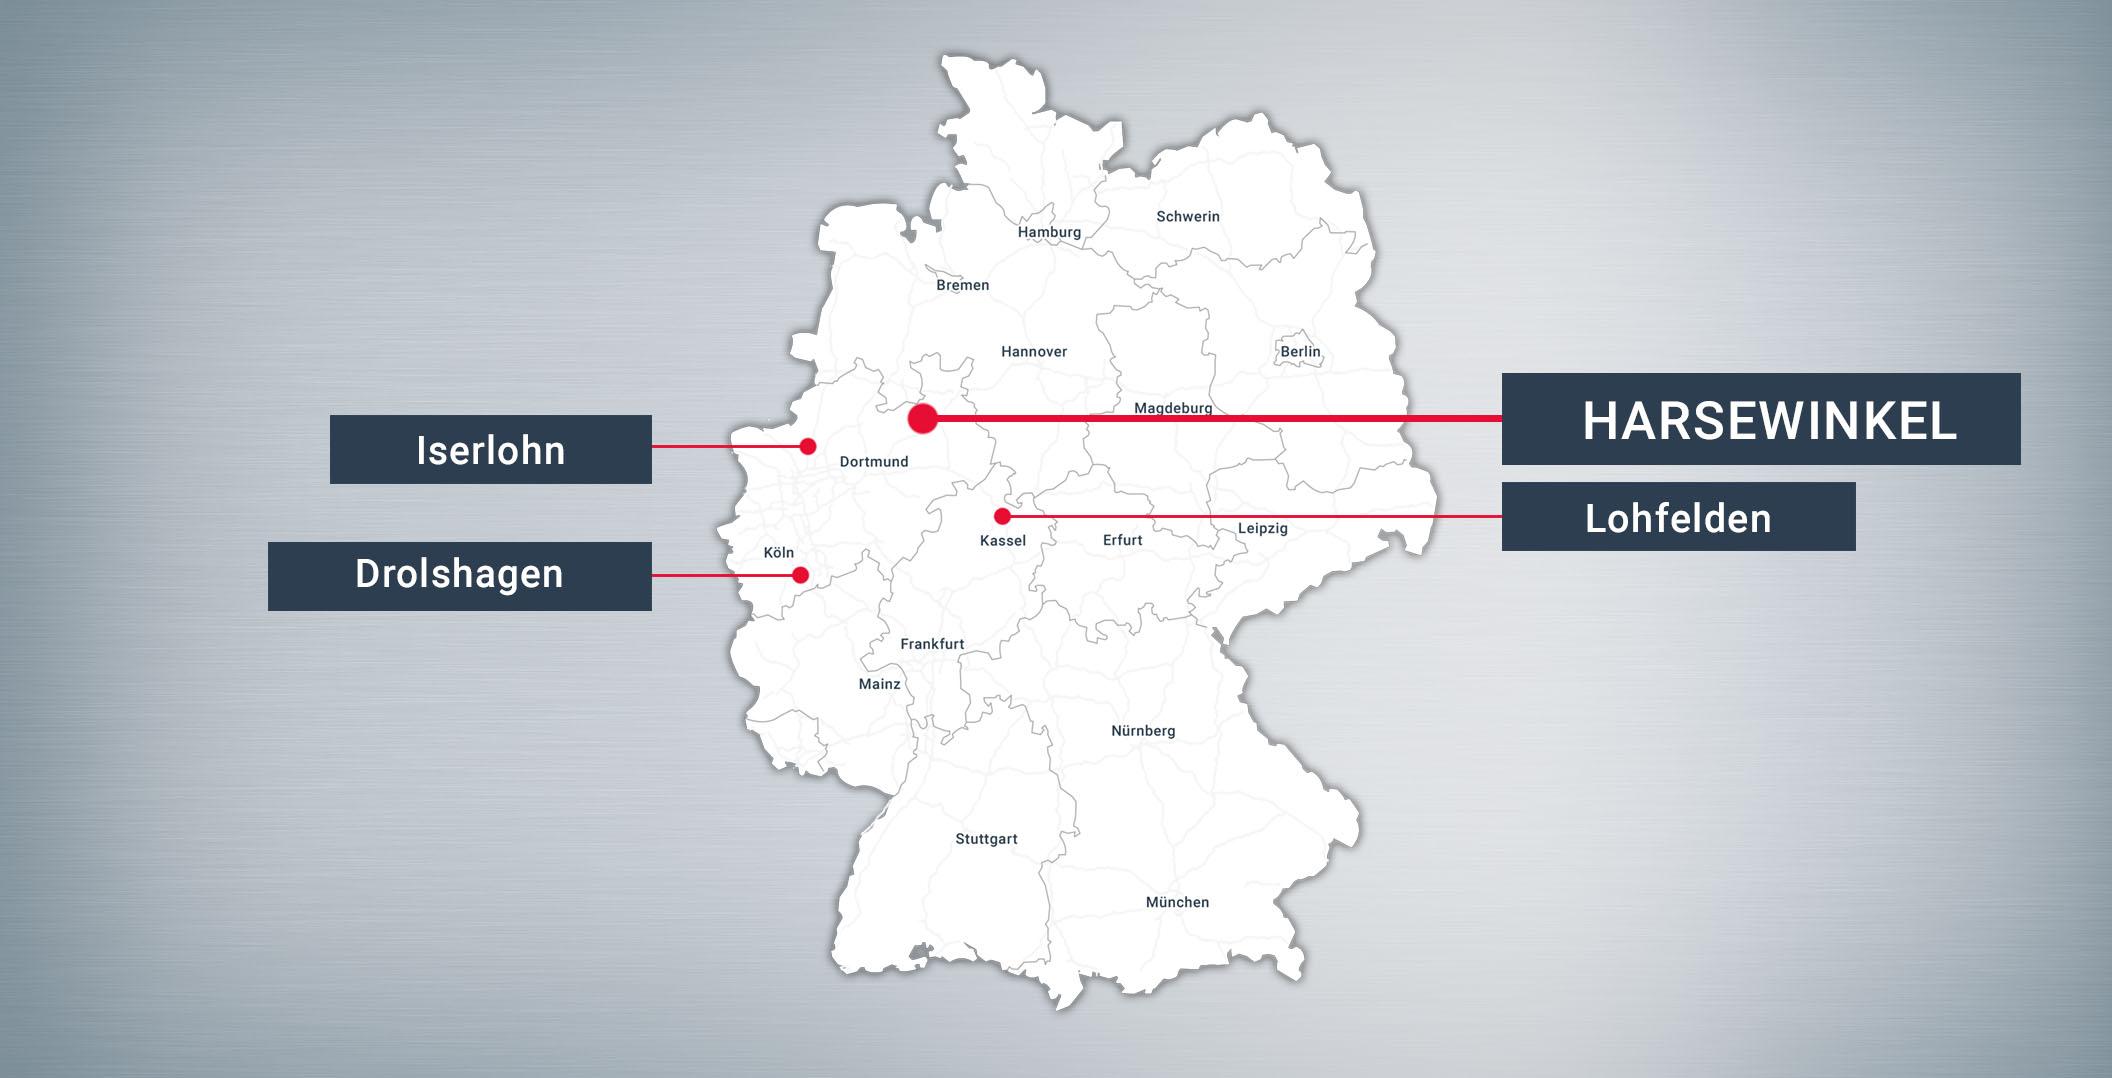 Deutschlandkarte Harsewinkel Drolshagen Lohfelden-bei-Kassel Standorte Hujer-Lasertechnik Ihr Laserdienstleister Industrielle Laserbearbeitung 3D-Lasertechnik 2D-Lasertechnik Laserschweißen Rollenrichten CNC-Abkanten Buckelschweißen Laserschneiden 2D-Laserschneiden 3D-Laserschneiden